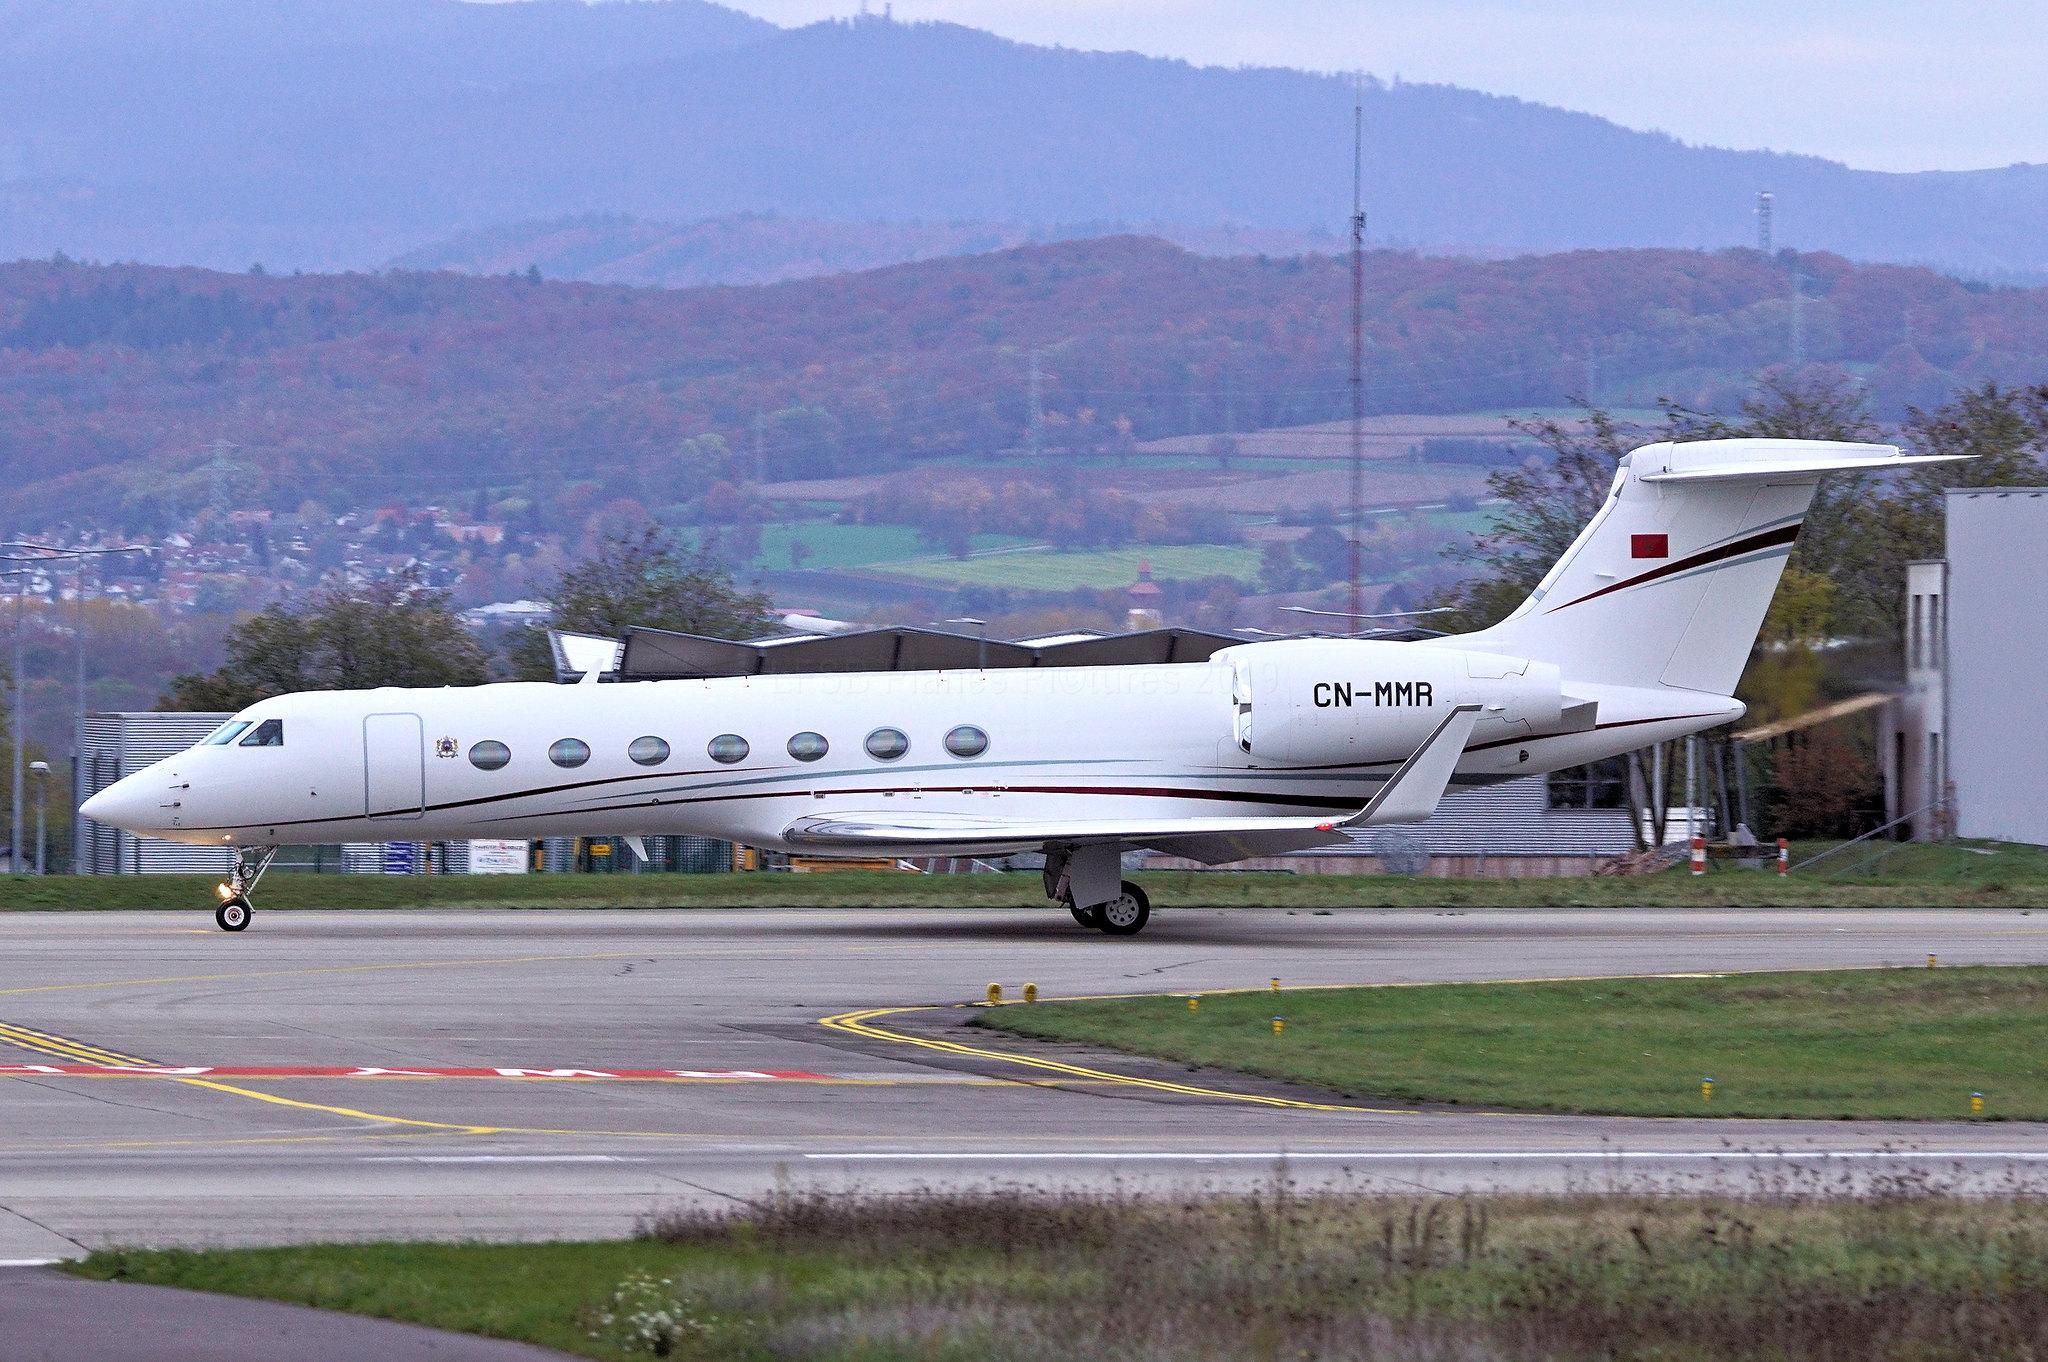 FRA: Avions VIP, Liaison & ECM - Page 23 49064995952_12a71af6d4_k